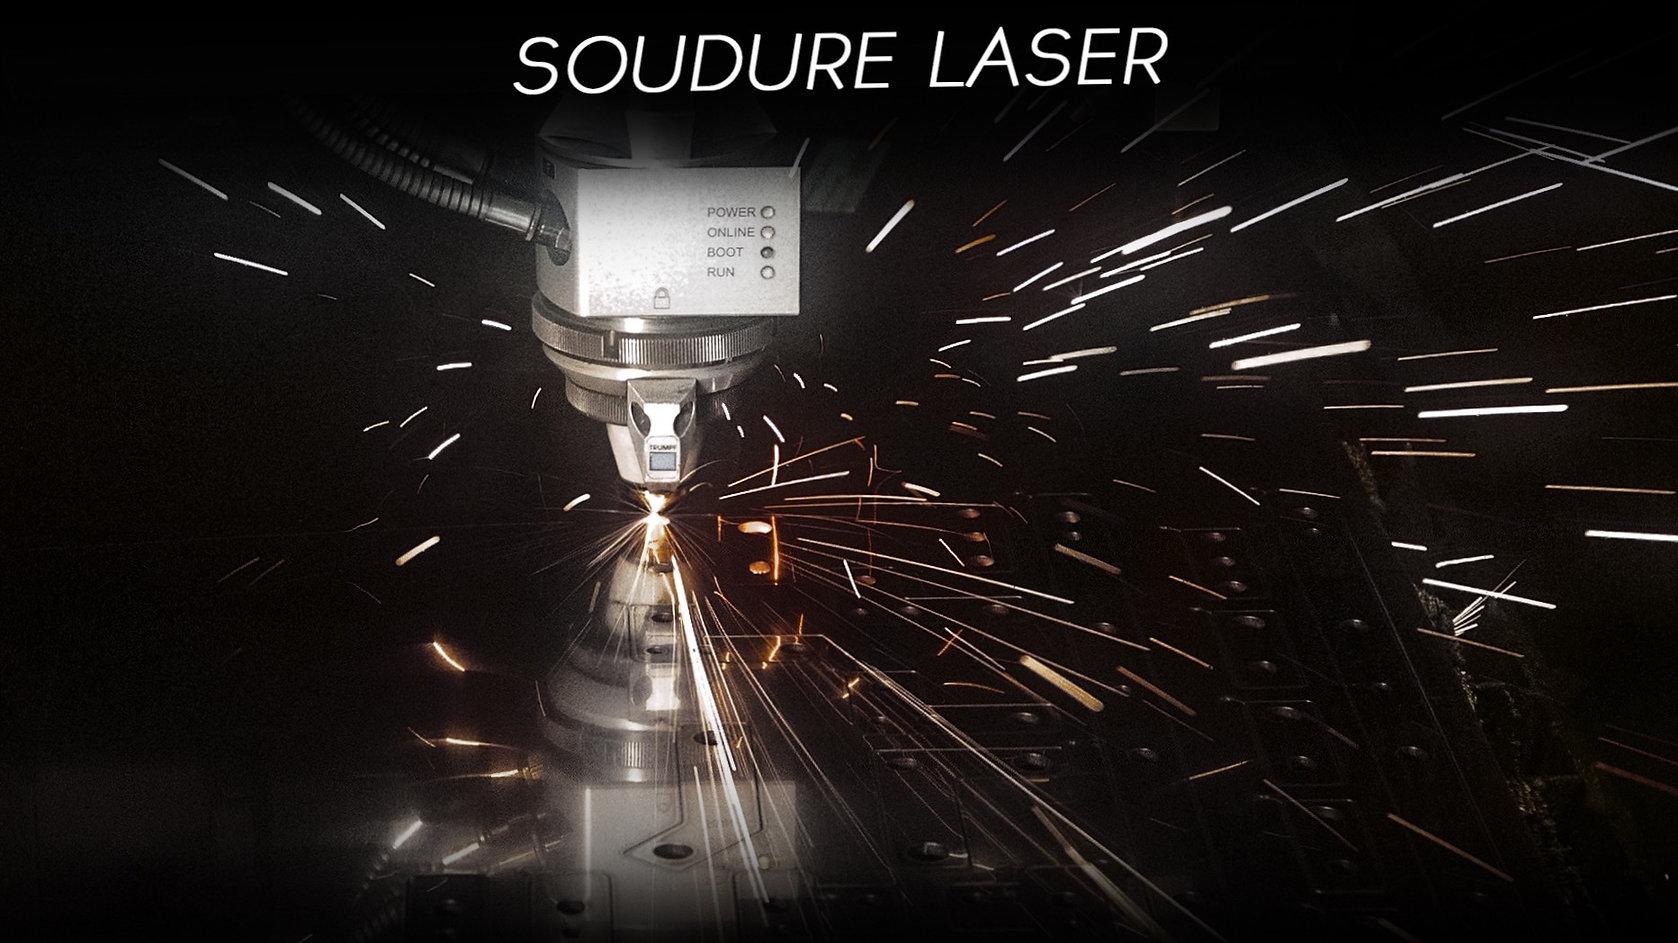 TêteLaser_Laser_edited_edited.jpg